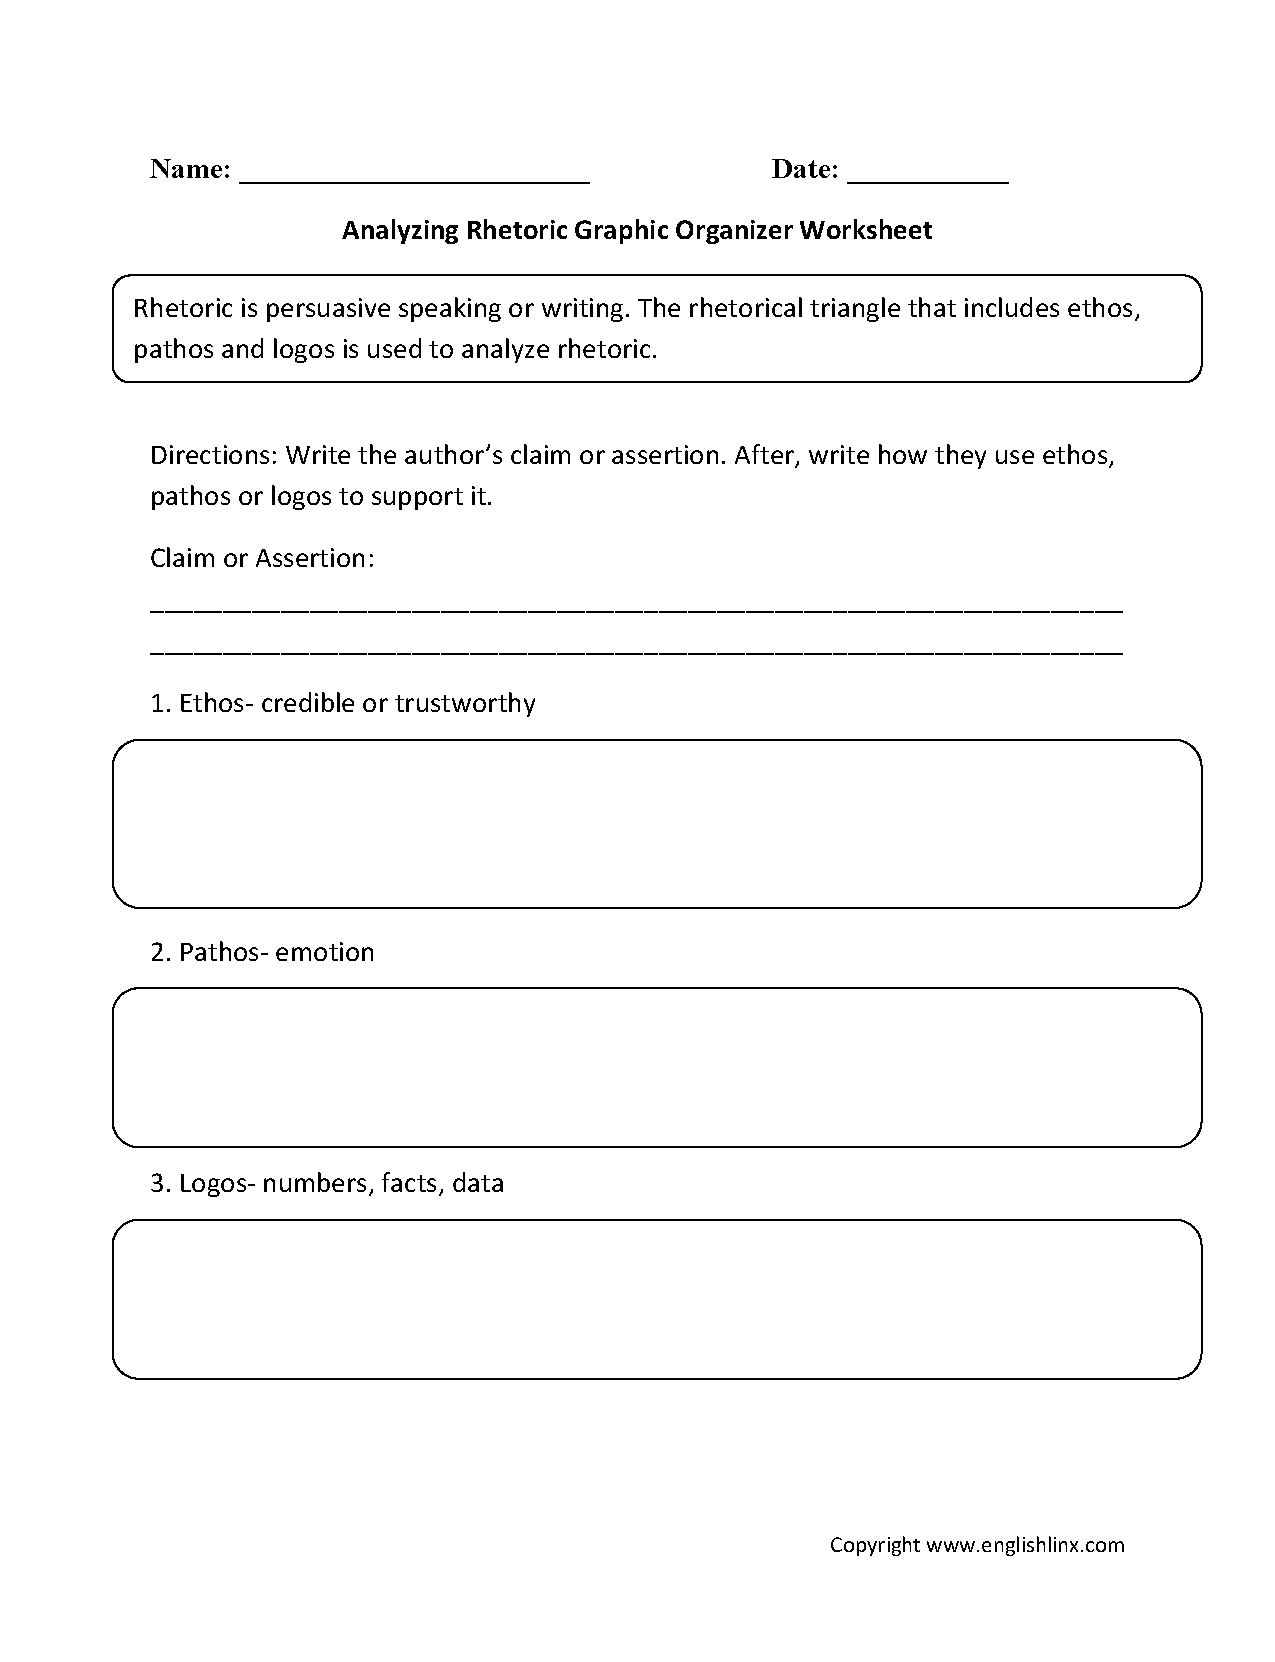 Rhetoric Graphic Organizers Worksheet